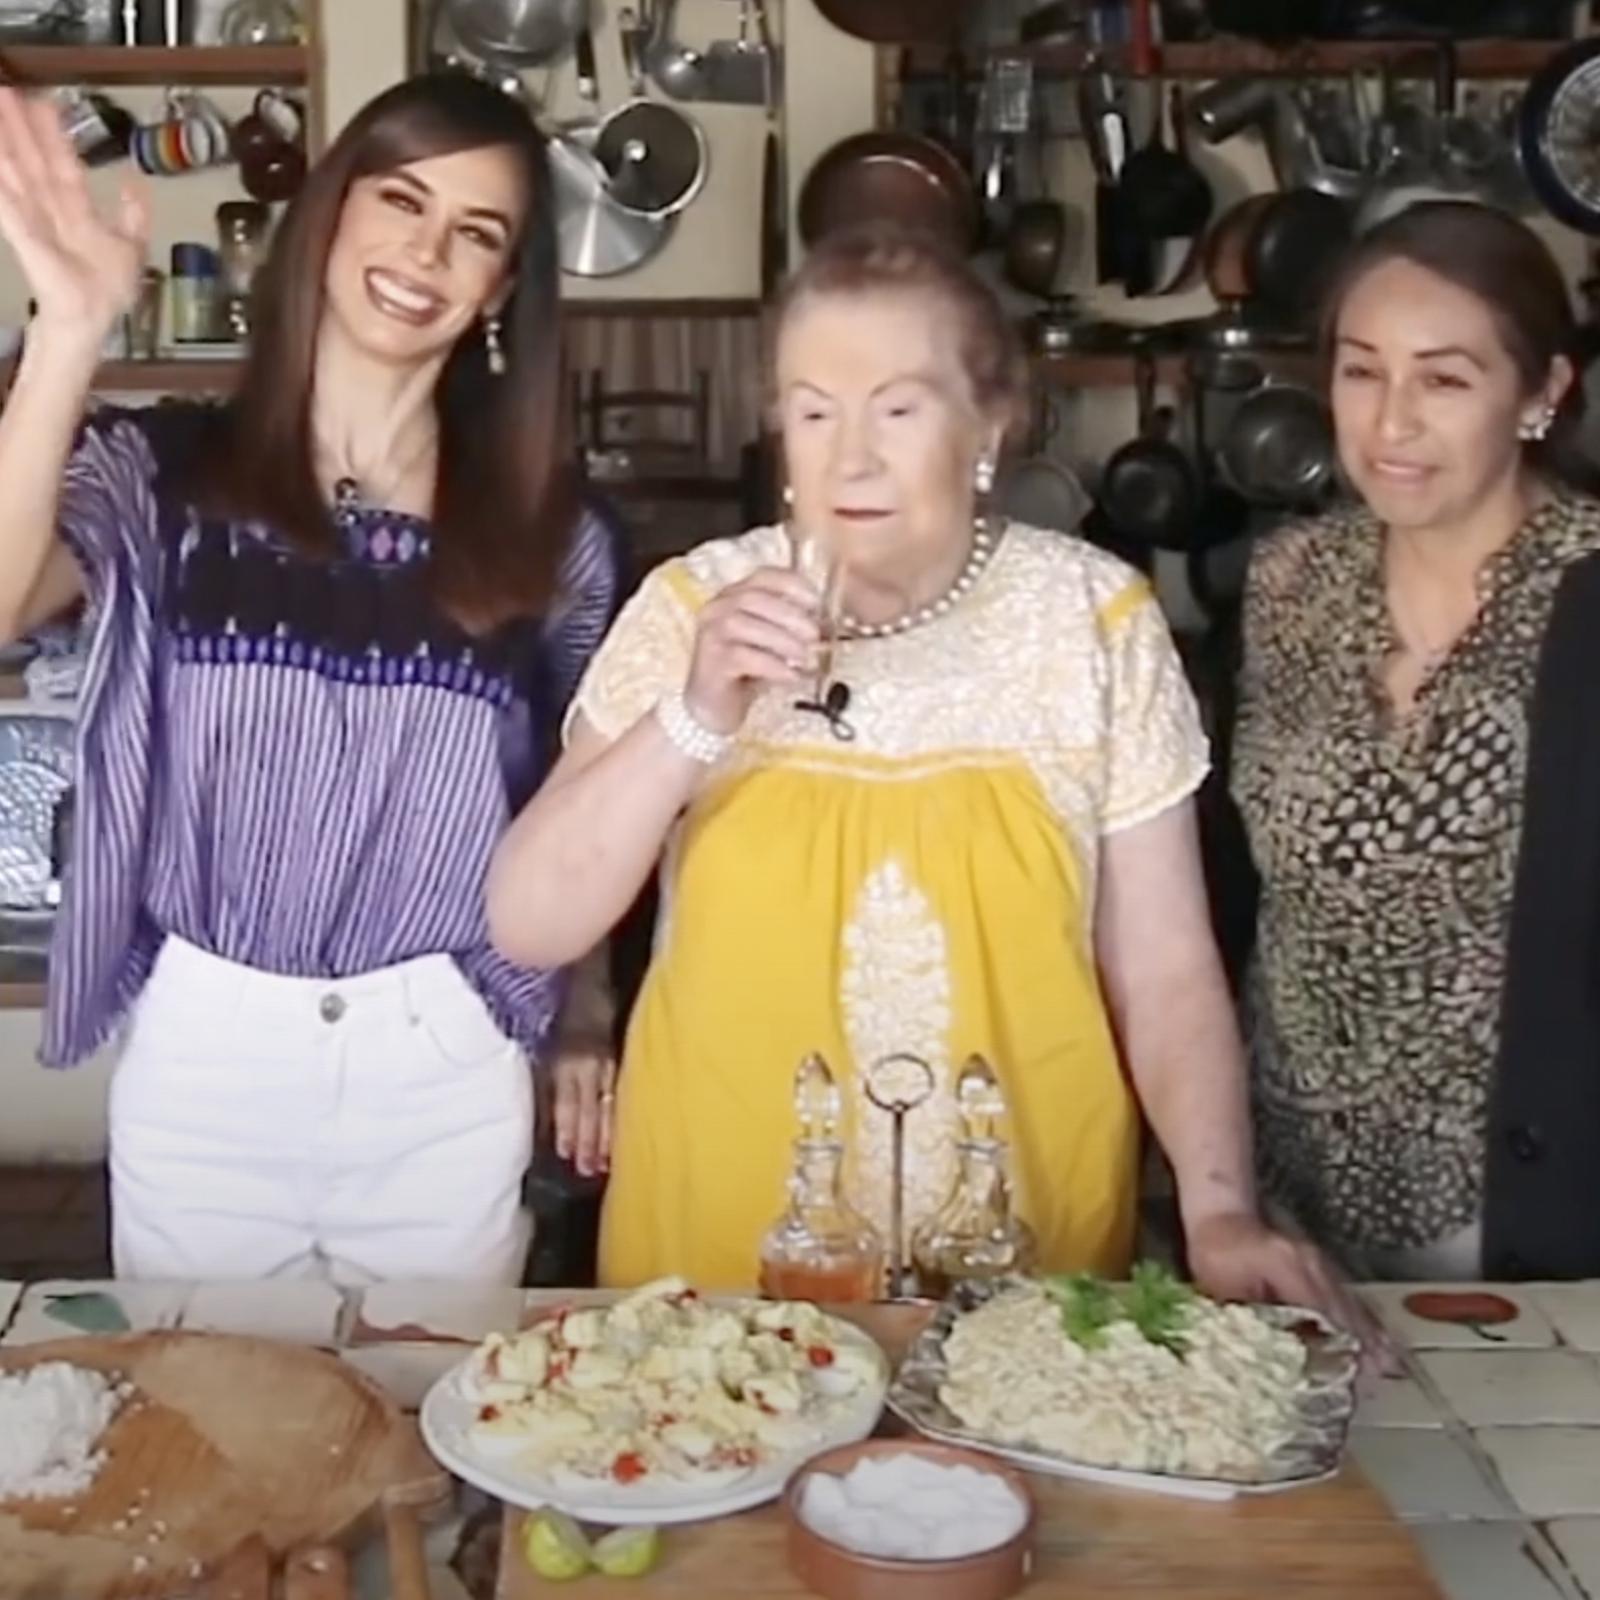 Biby Gaytan cocinando con su suegra Maria madre de Eduardo Capetillo